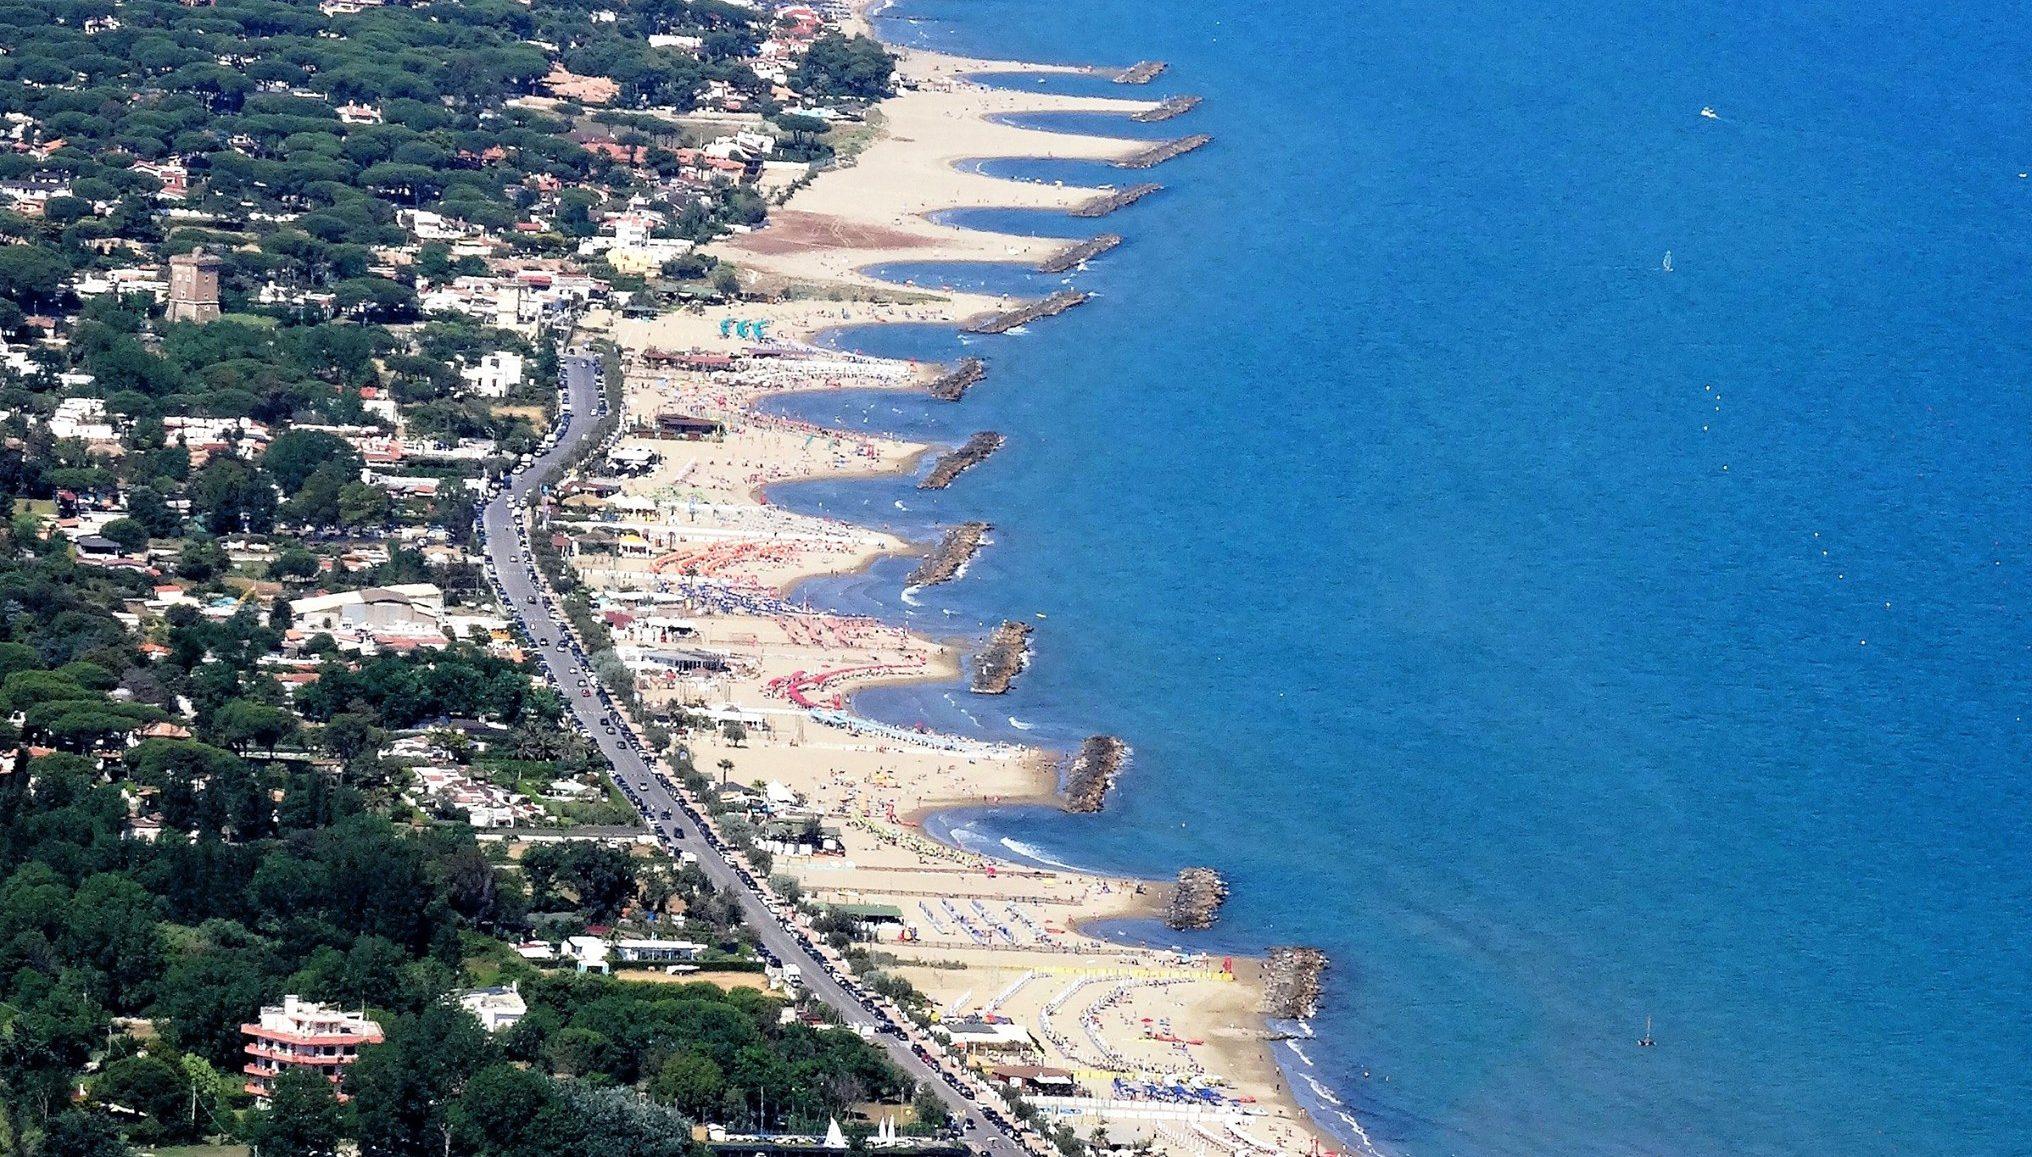 san felice circeo spiagge attrezzate